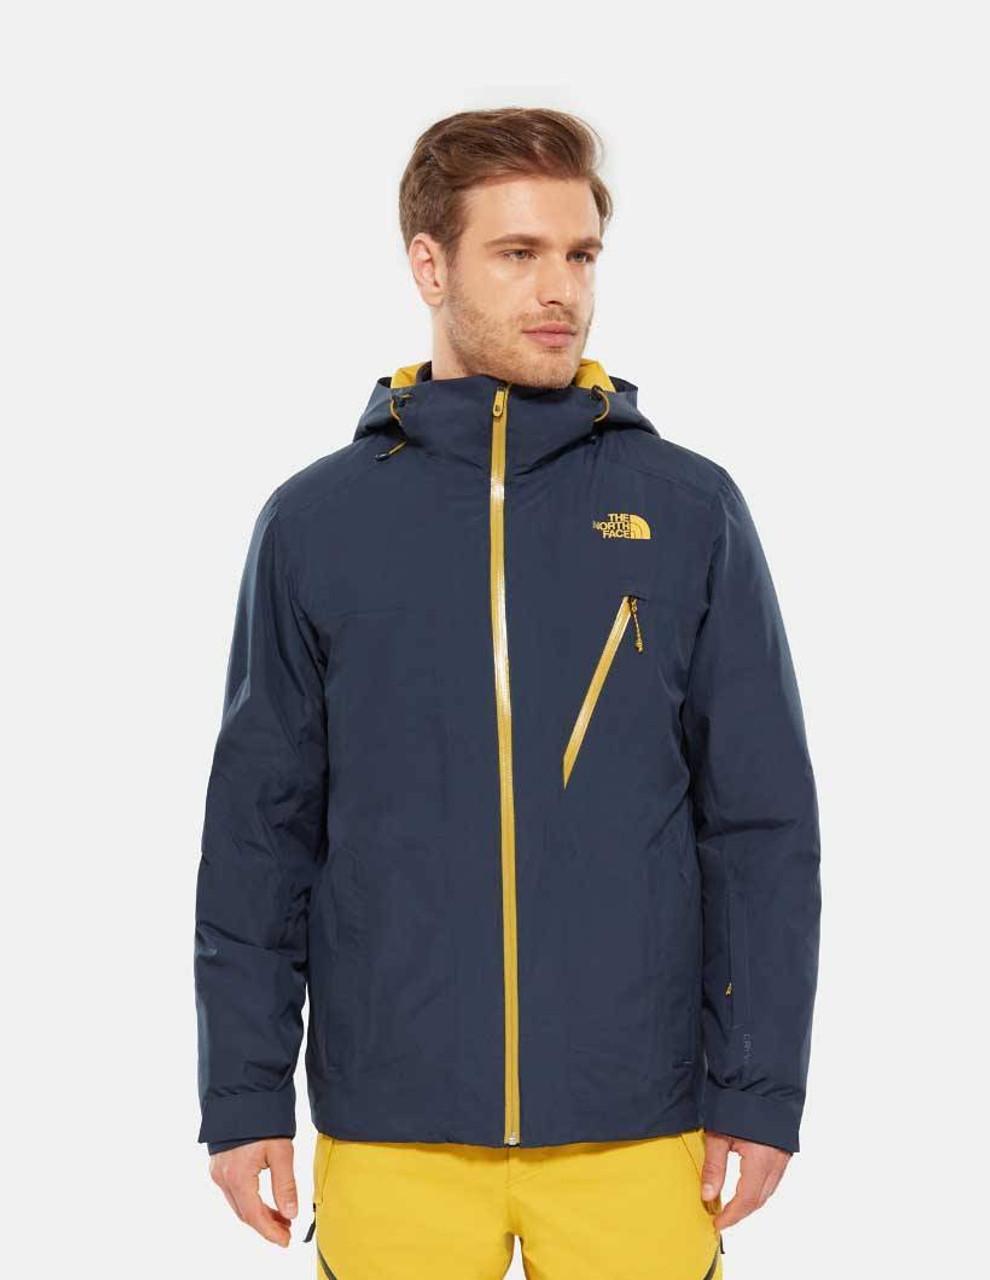 8650617be The North Face Descendit Ski Jacket | Men's